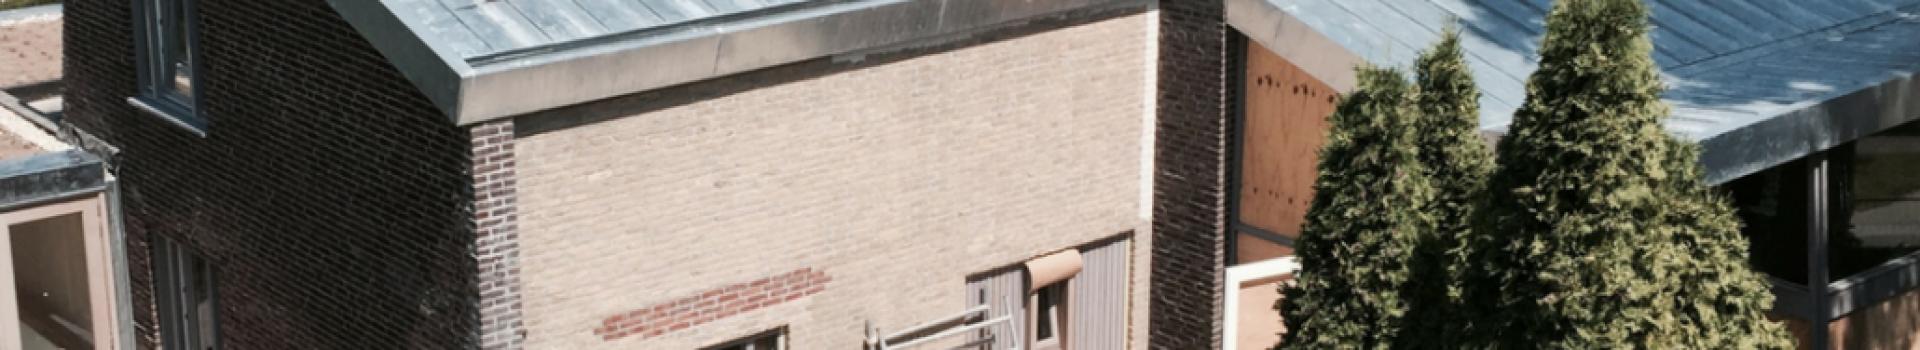 Woonhuis Dordrecht, zink in felssysteem